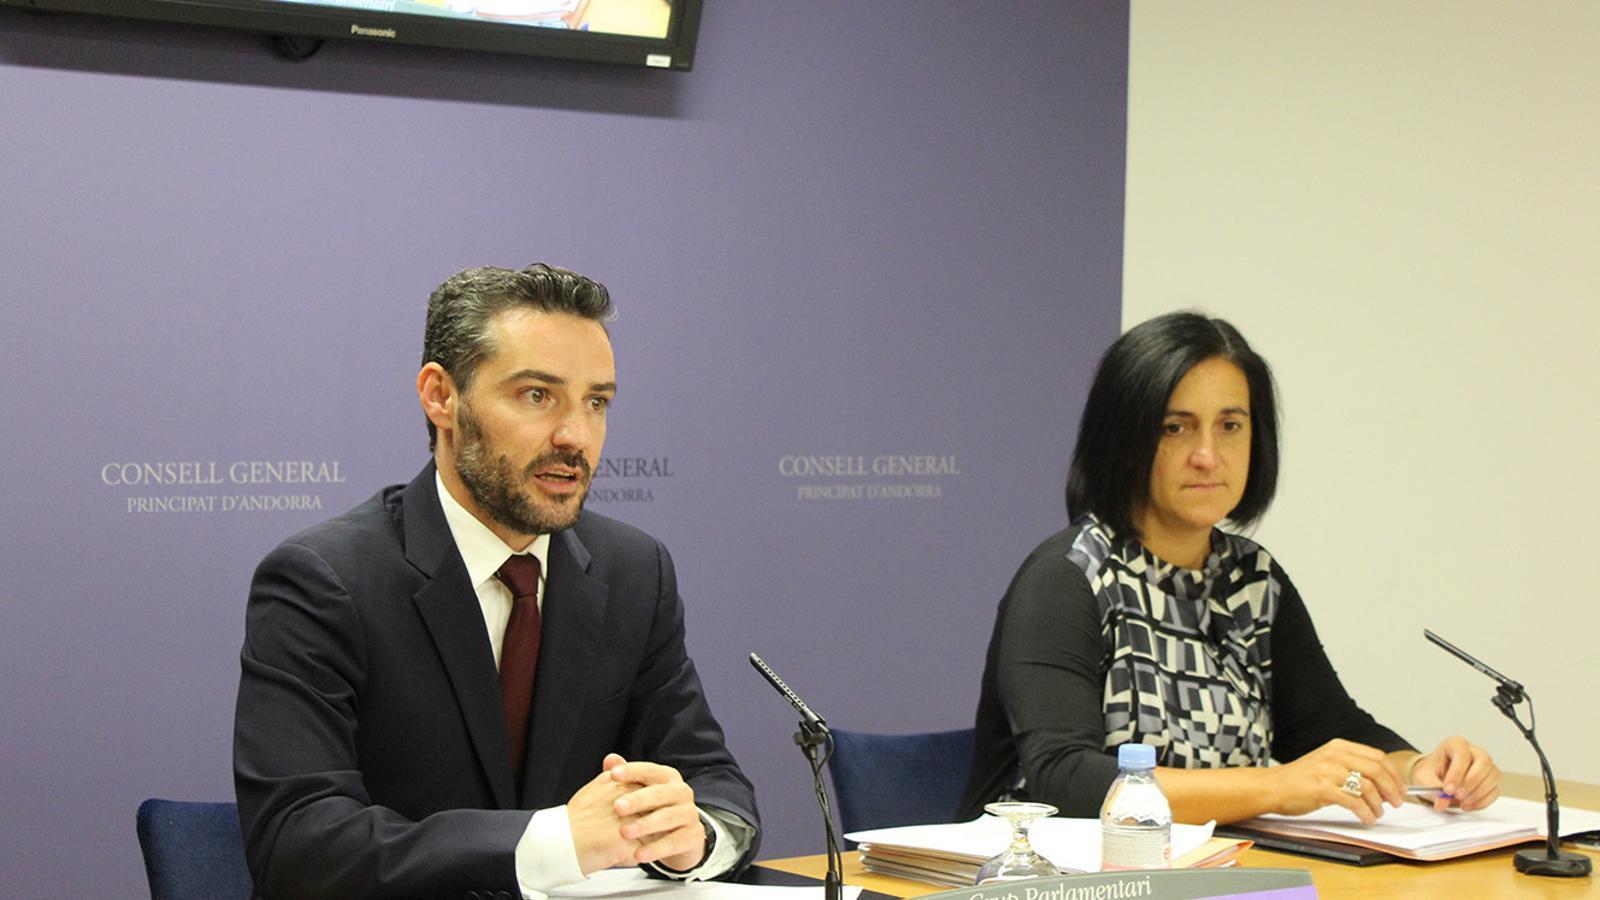 Els consellers generals de Demòcrates per Andorra, Marc Ballestà i Sofia Garrallà durant la roda de premsa d'aquest dimarts. / B. N.